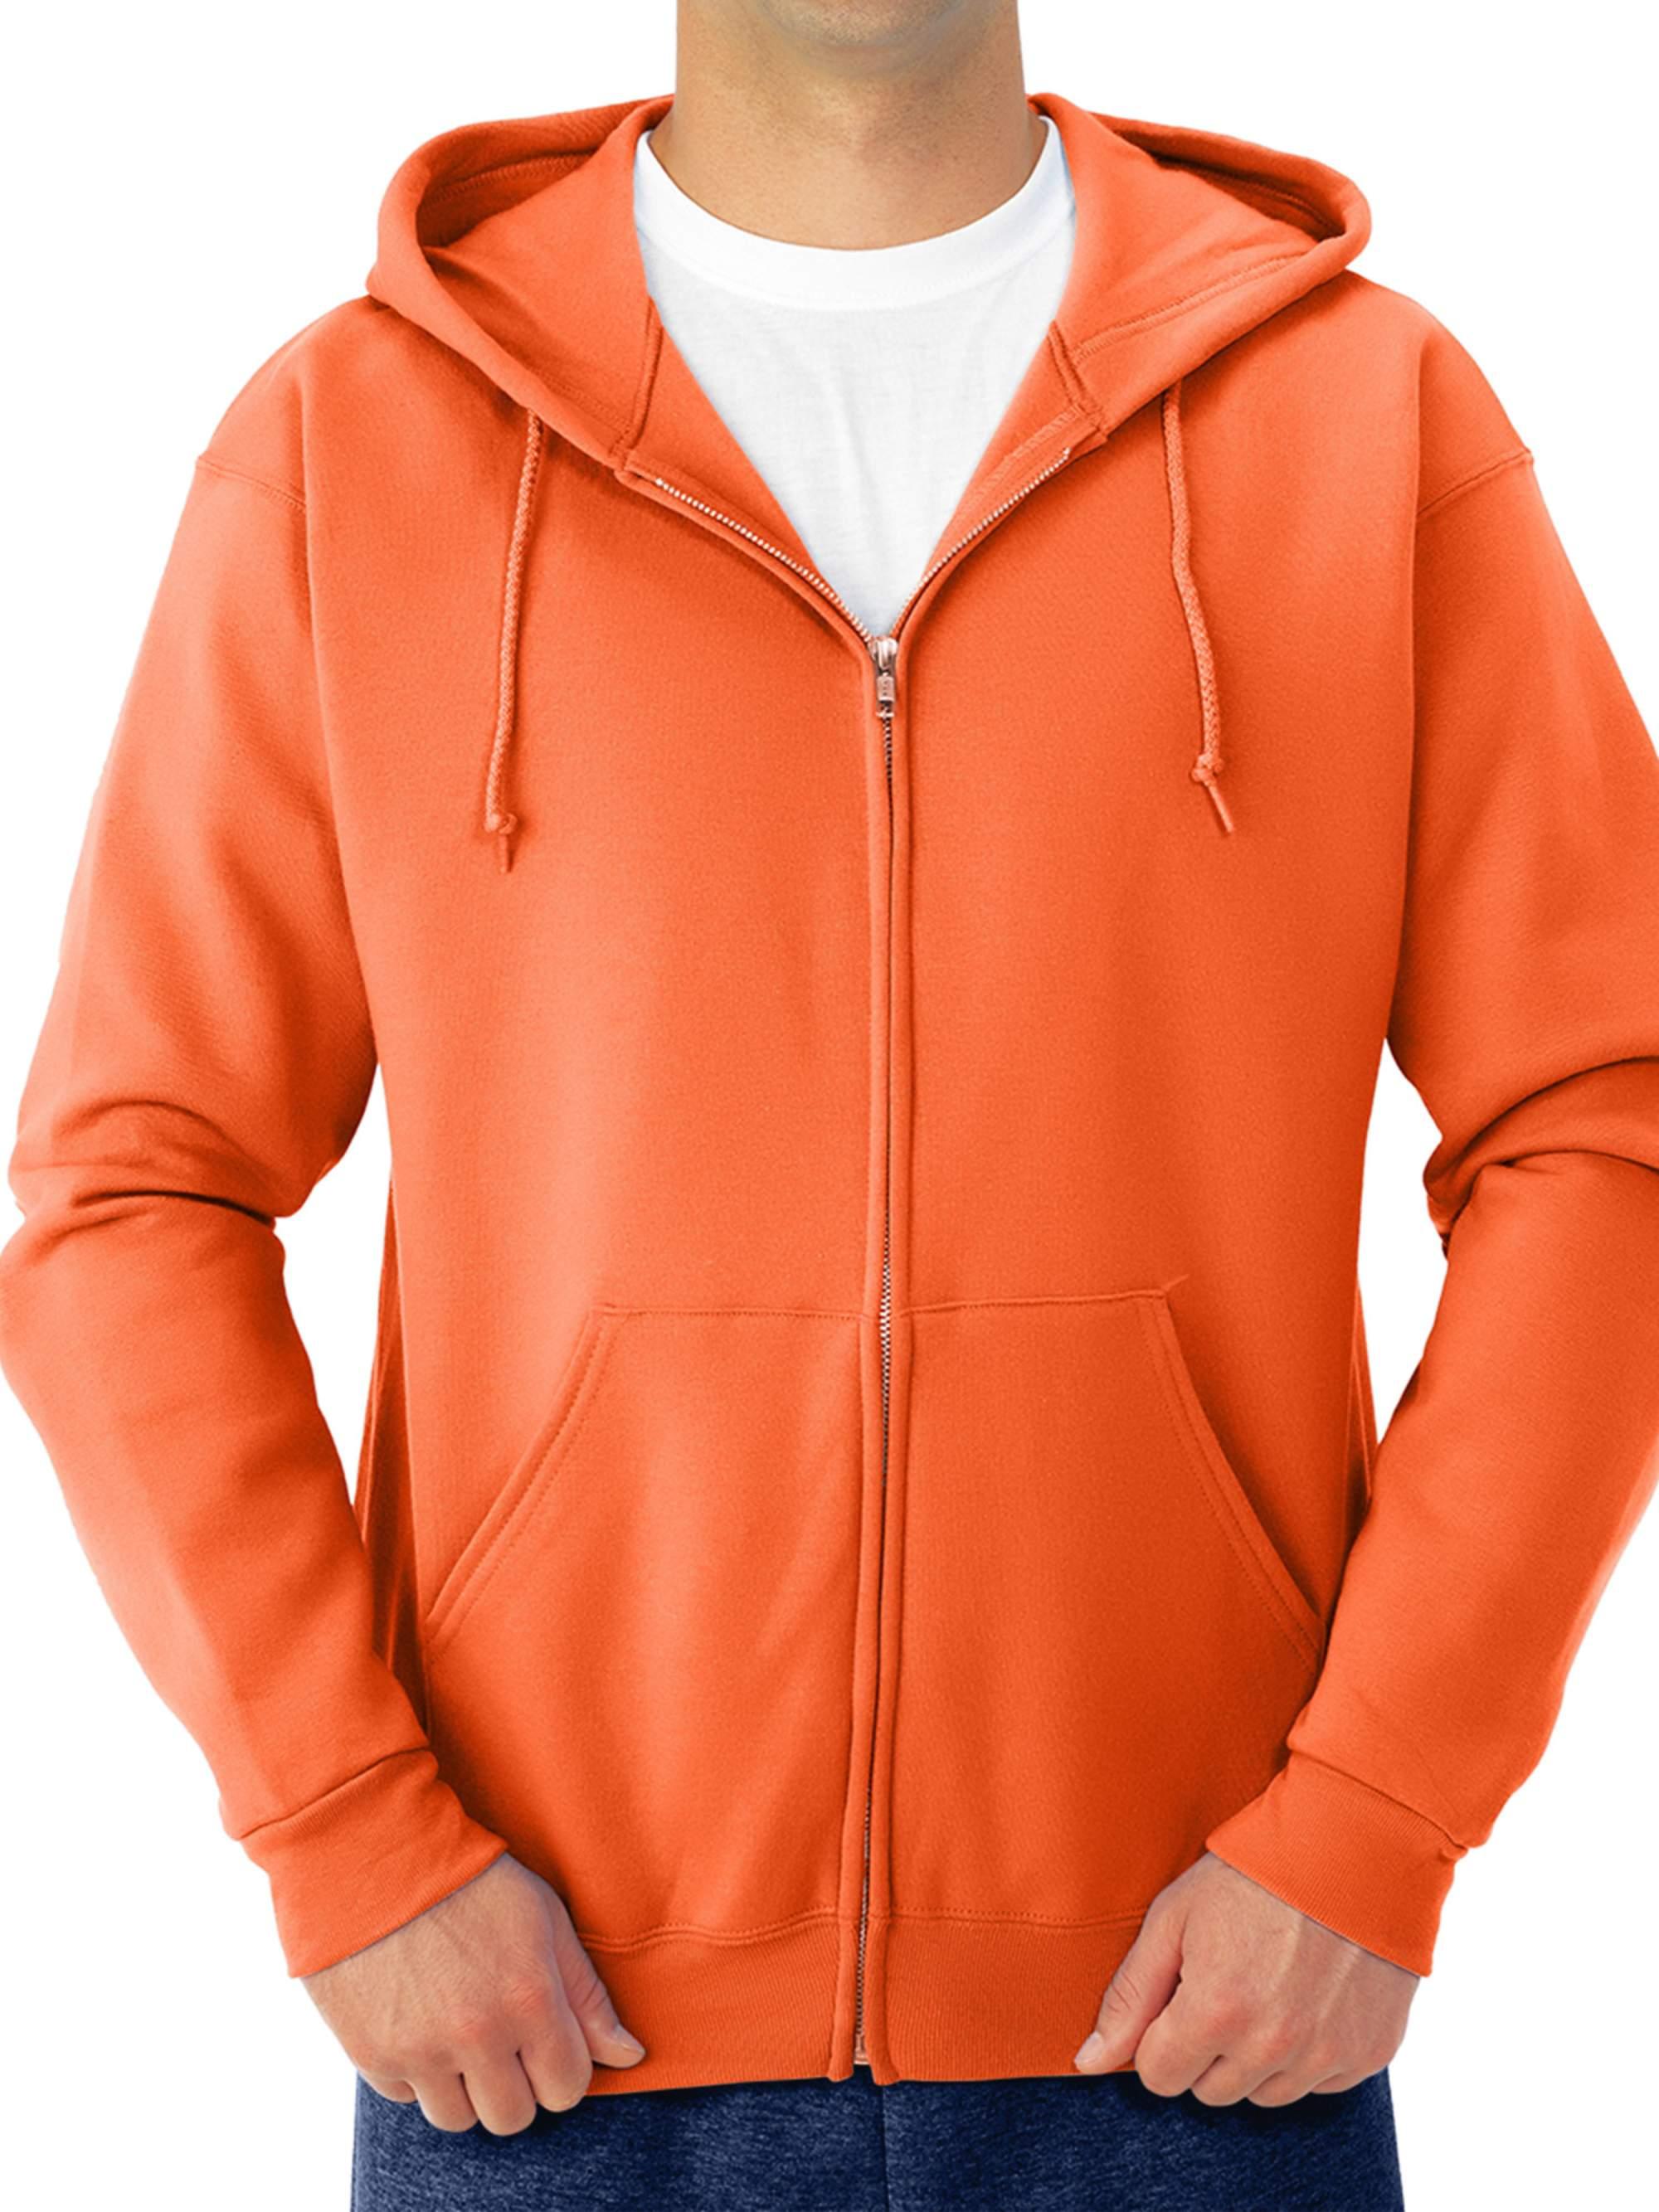 Big Men's Soft Medium-Weight Fleece Full Zip Hooded Jacket